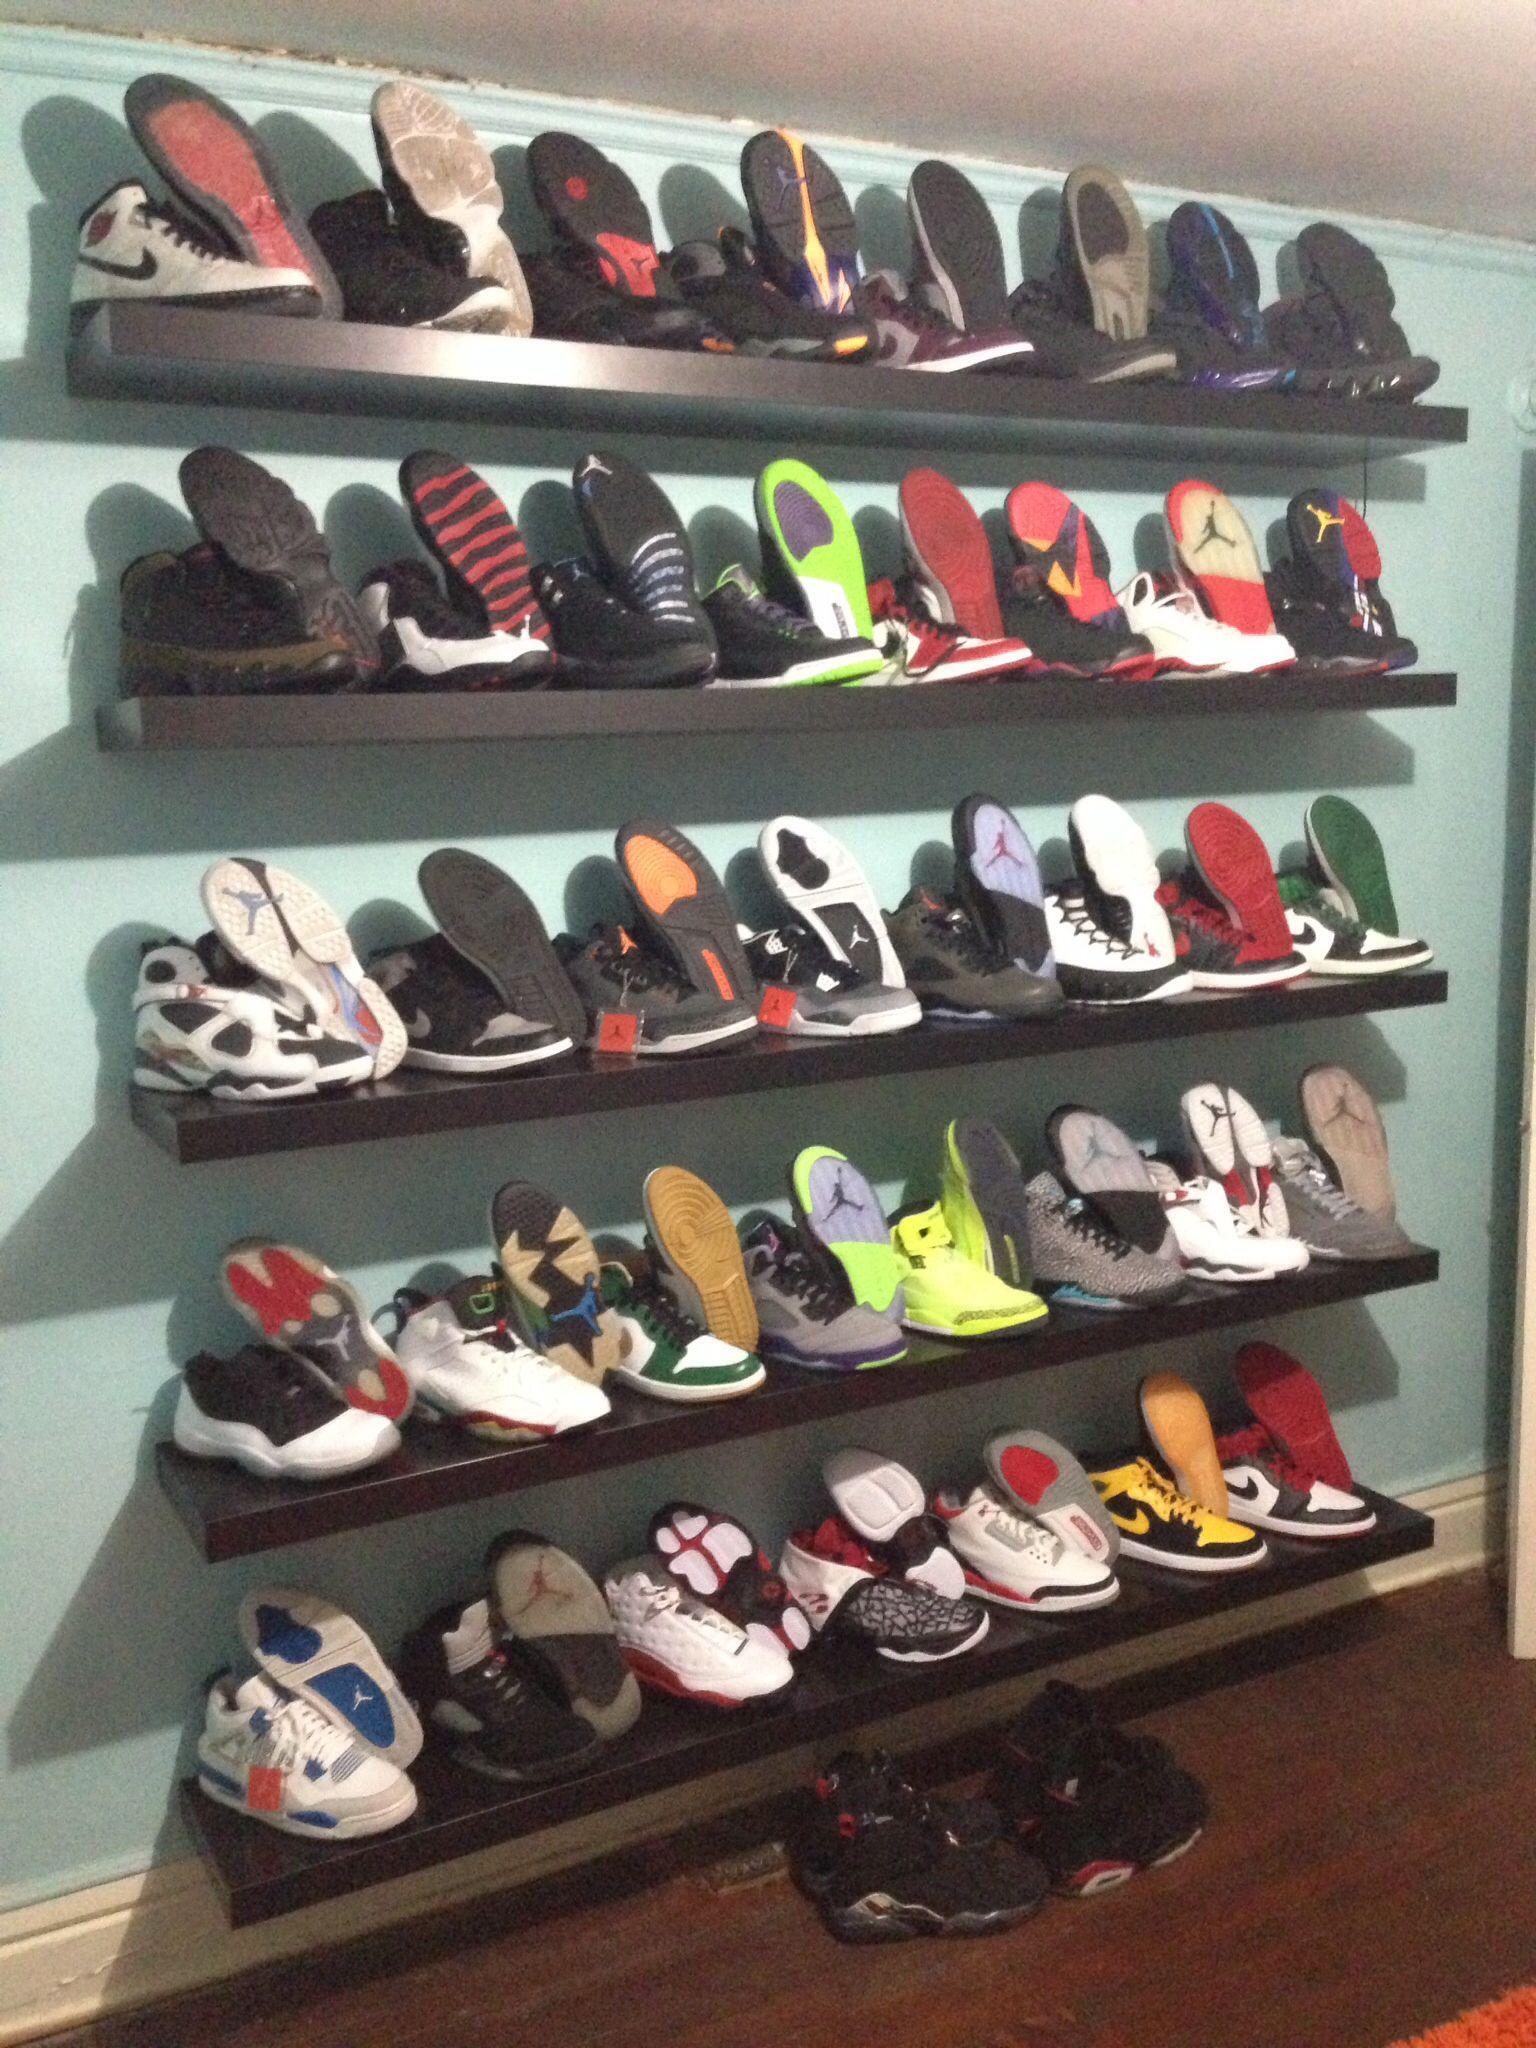 Air Jordan collection October 23 2013